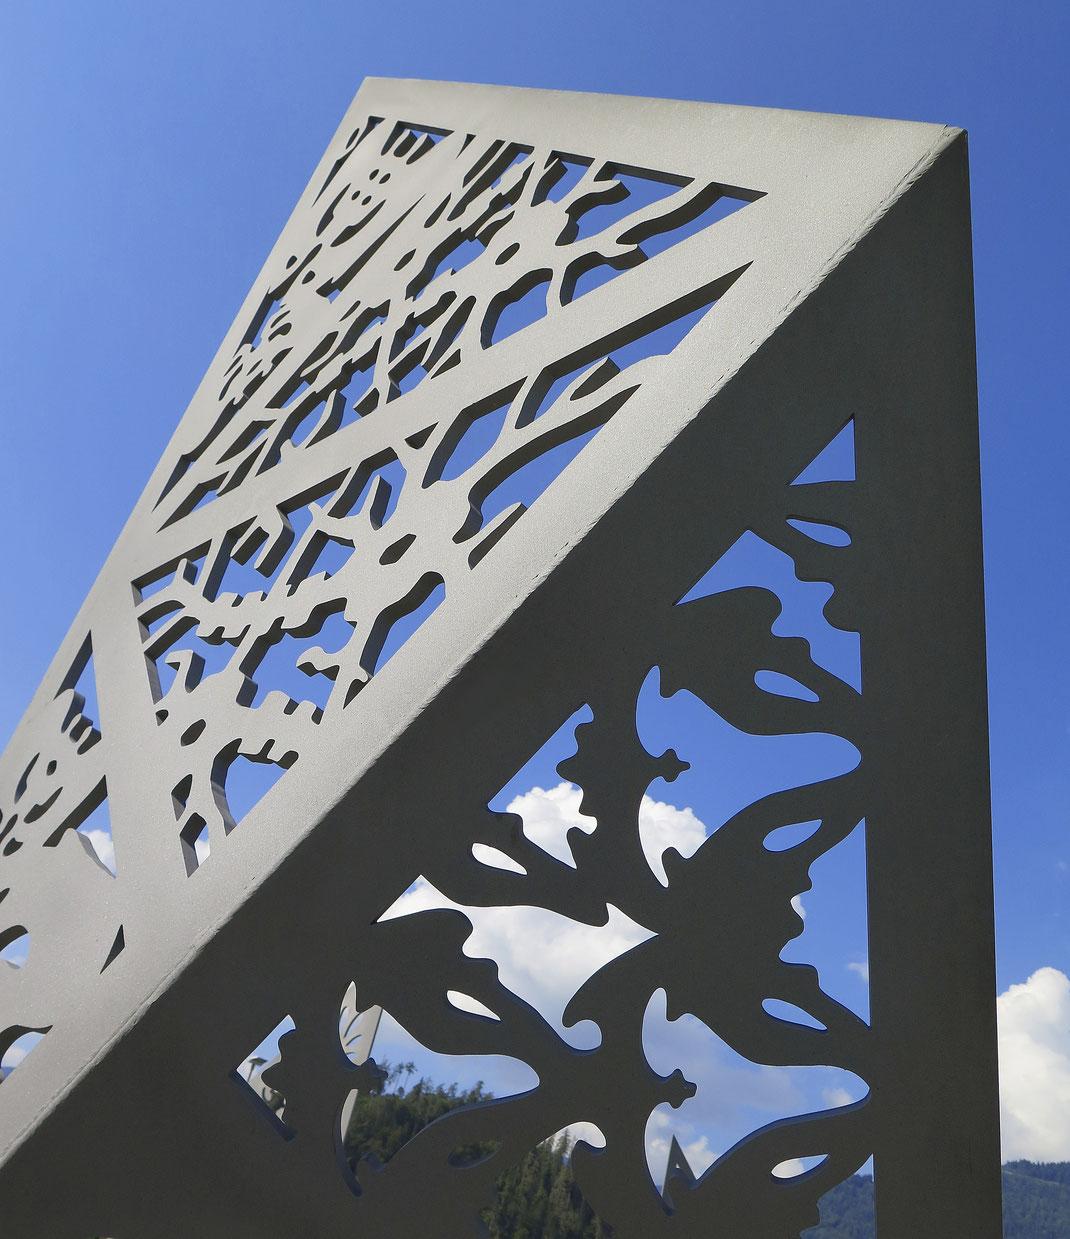 Wilderswil-Umfahrung-Direktanschluss-Gewerbezone-Flugplatz-Interlaken-Skulpturen-Nationalstrassenkreisel-Bildungszentrum-BZI-Laser-Cut-Scherenschnitt-Skulptur